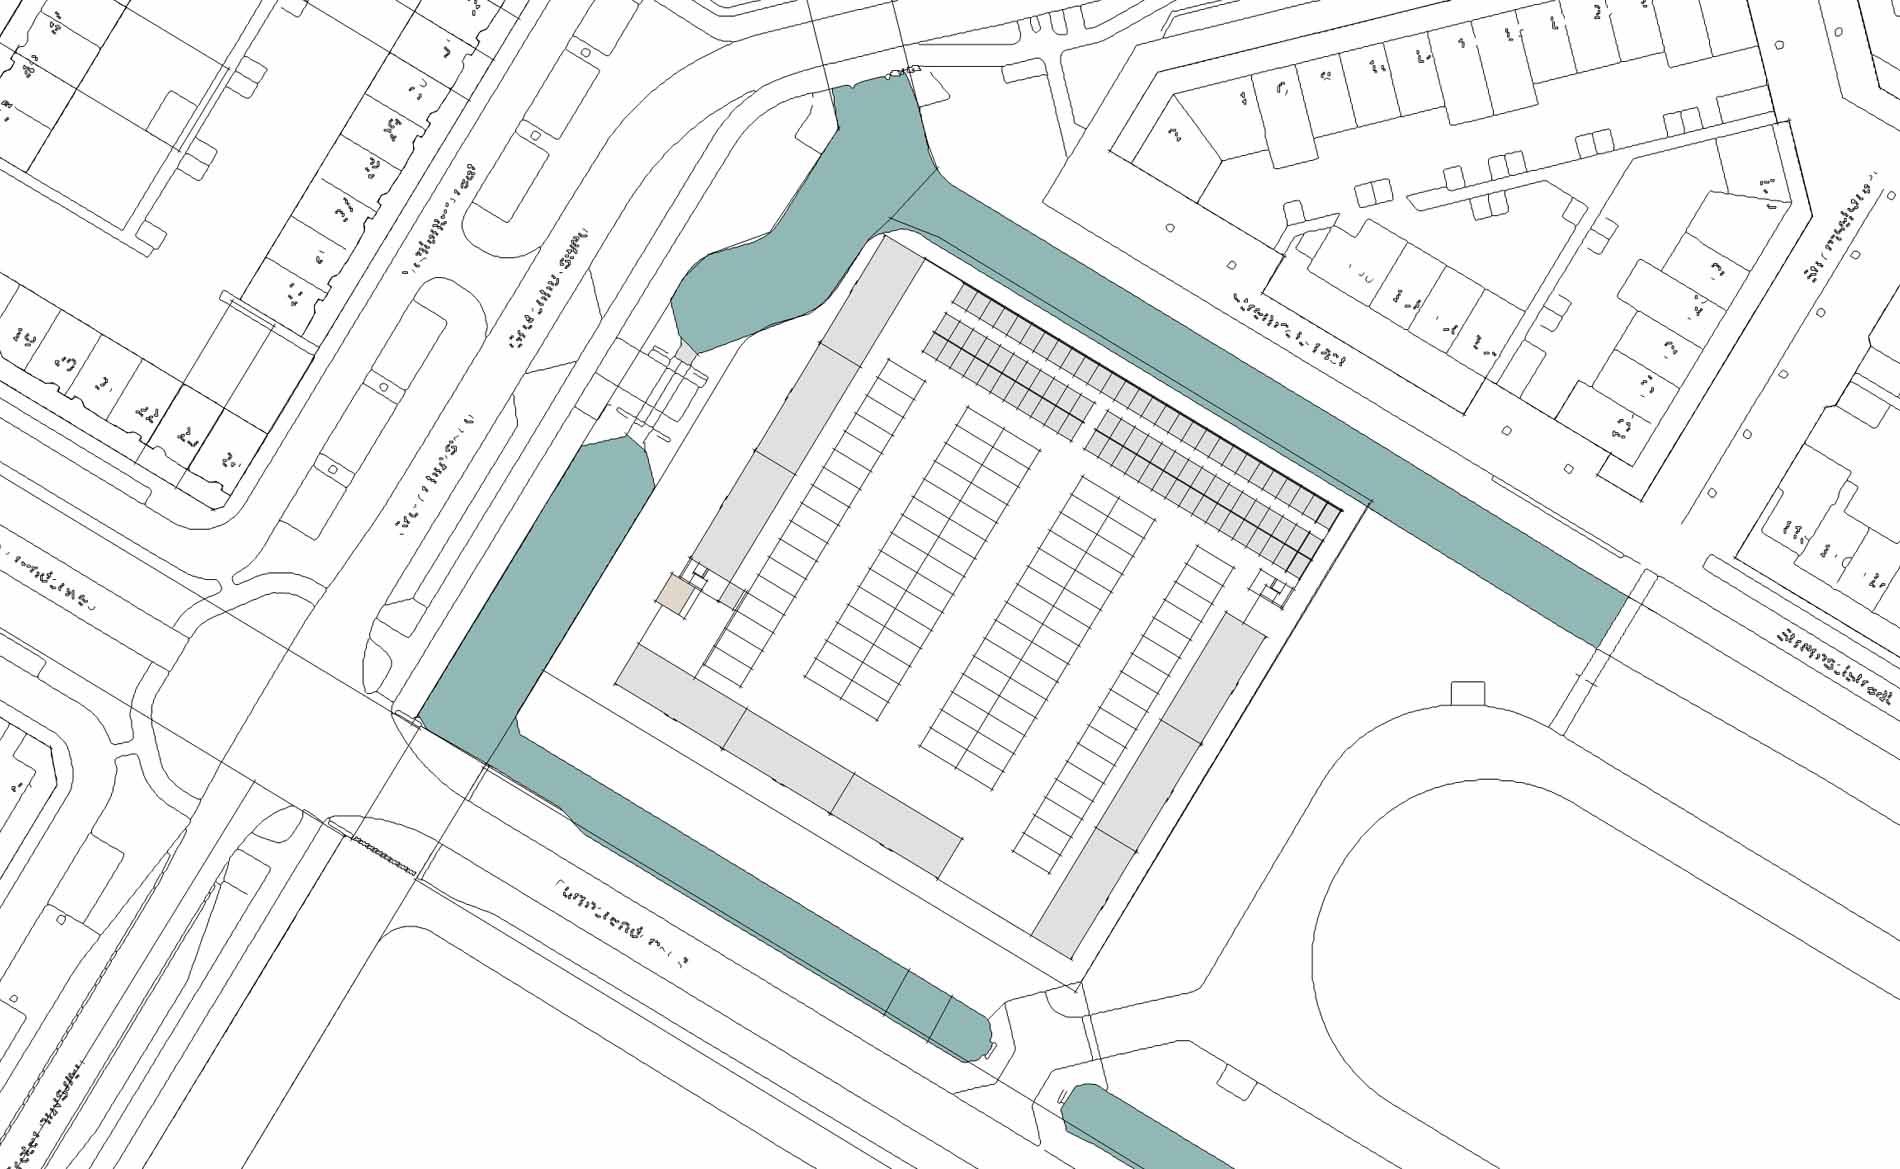 haalbaarheisstudie stedenbouwkundig plan woningbouw Purmerend BBHD architecten